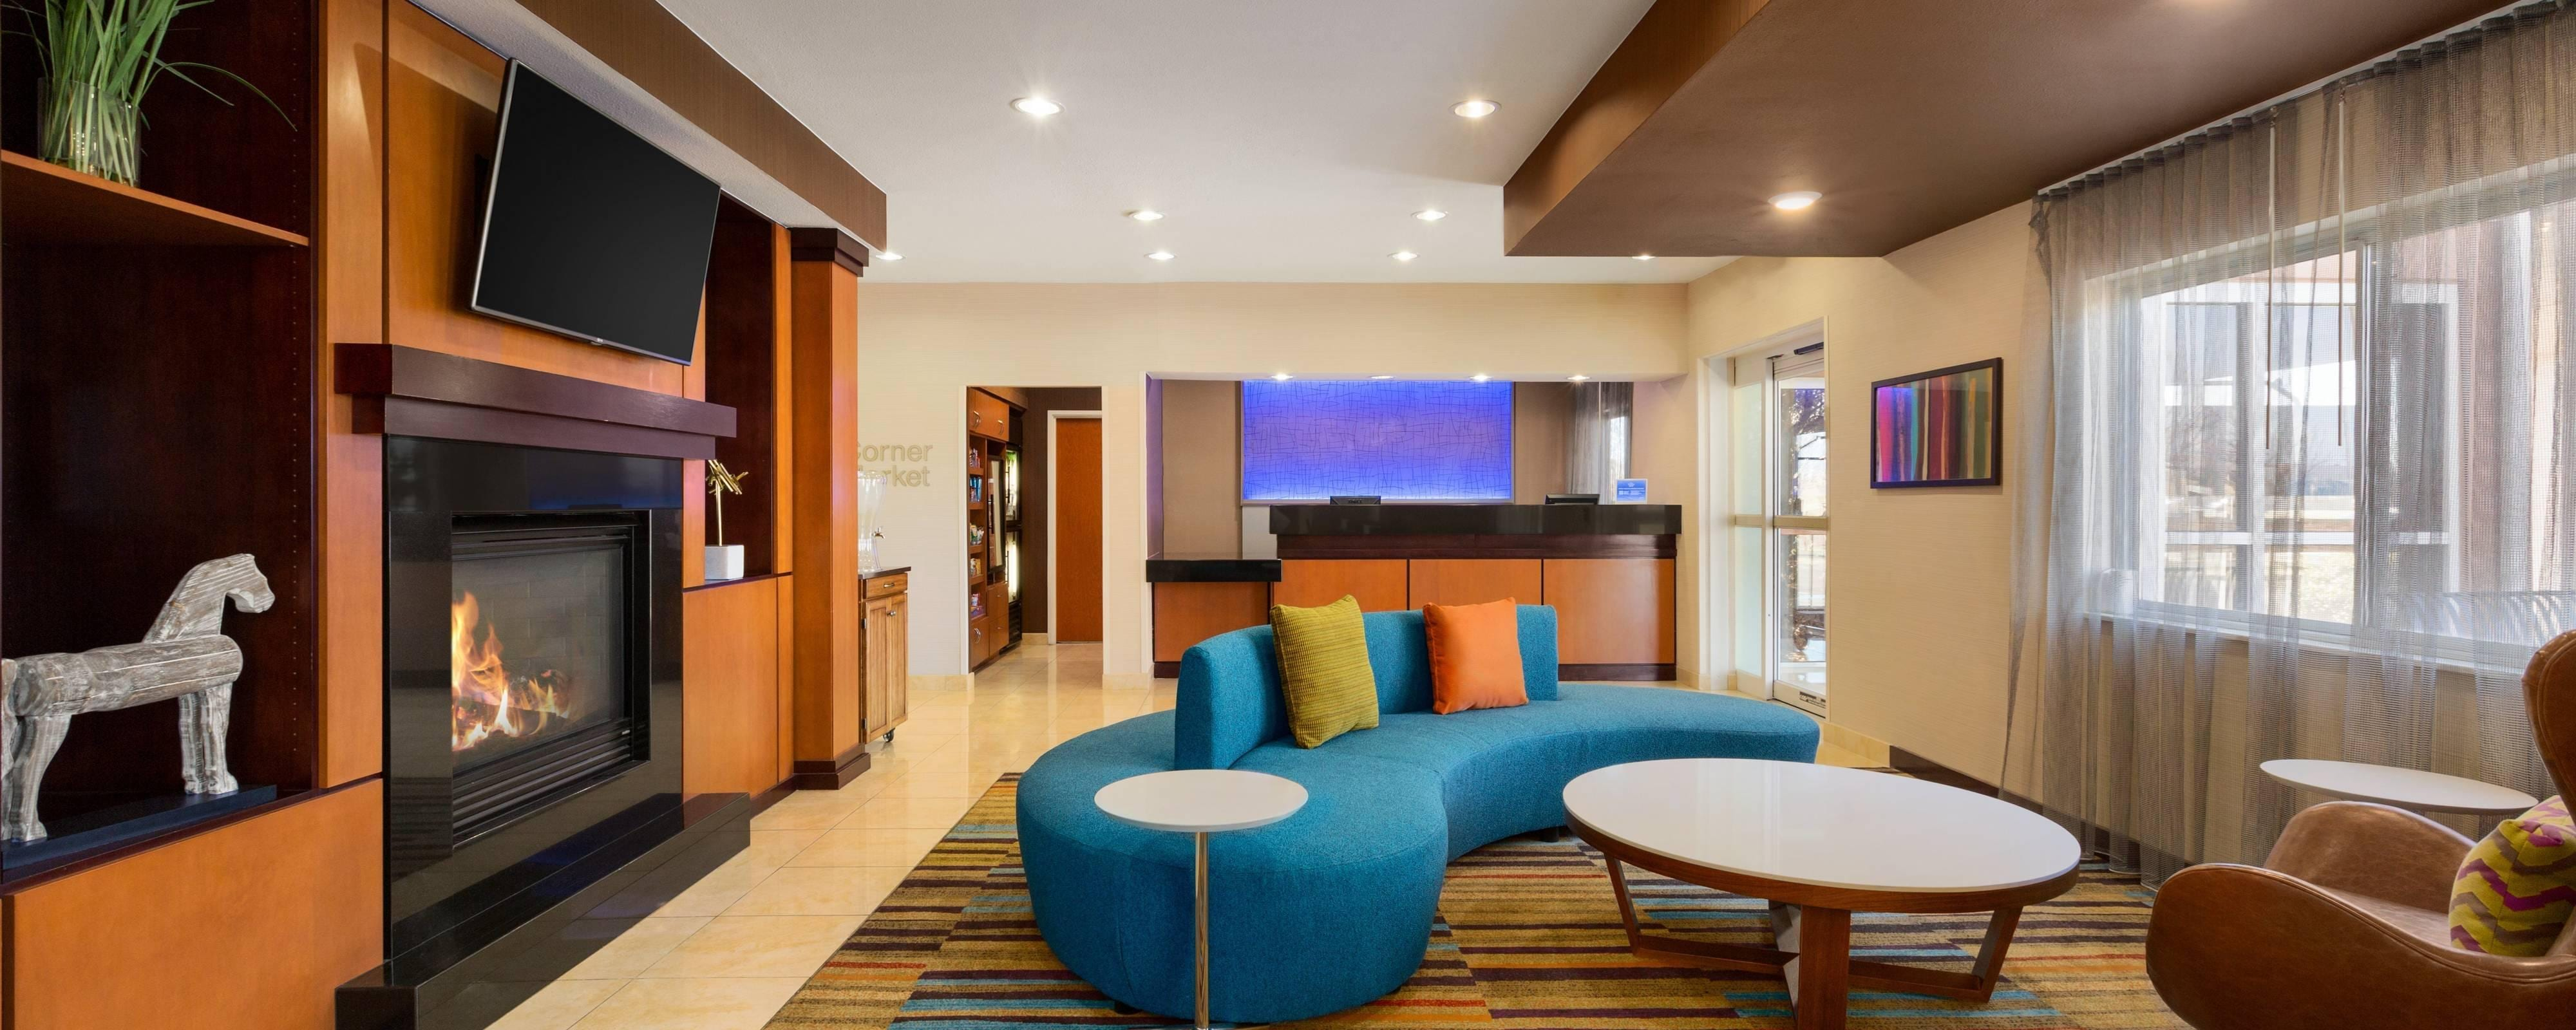 Hotel Rooms Amarillo Tx